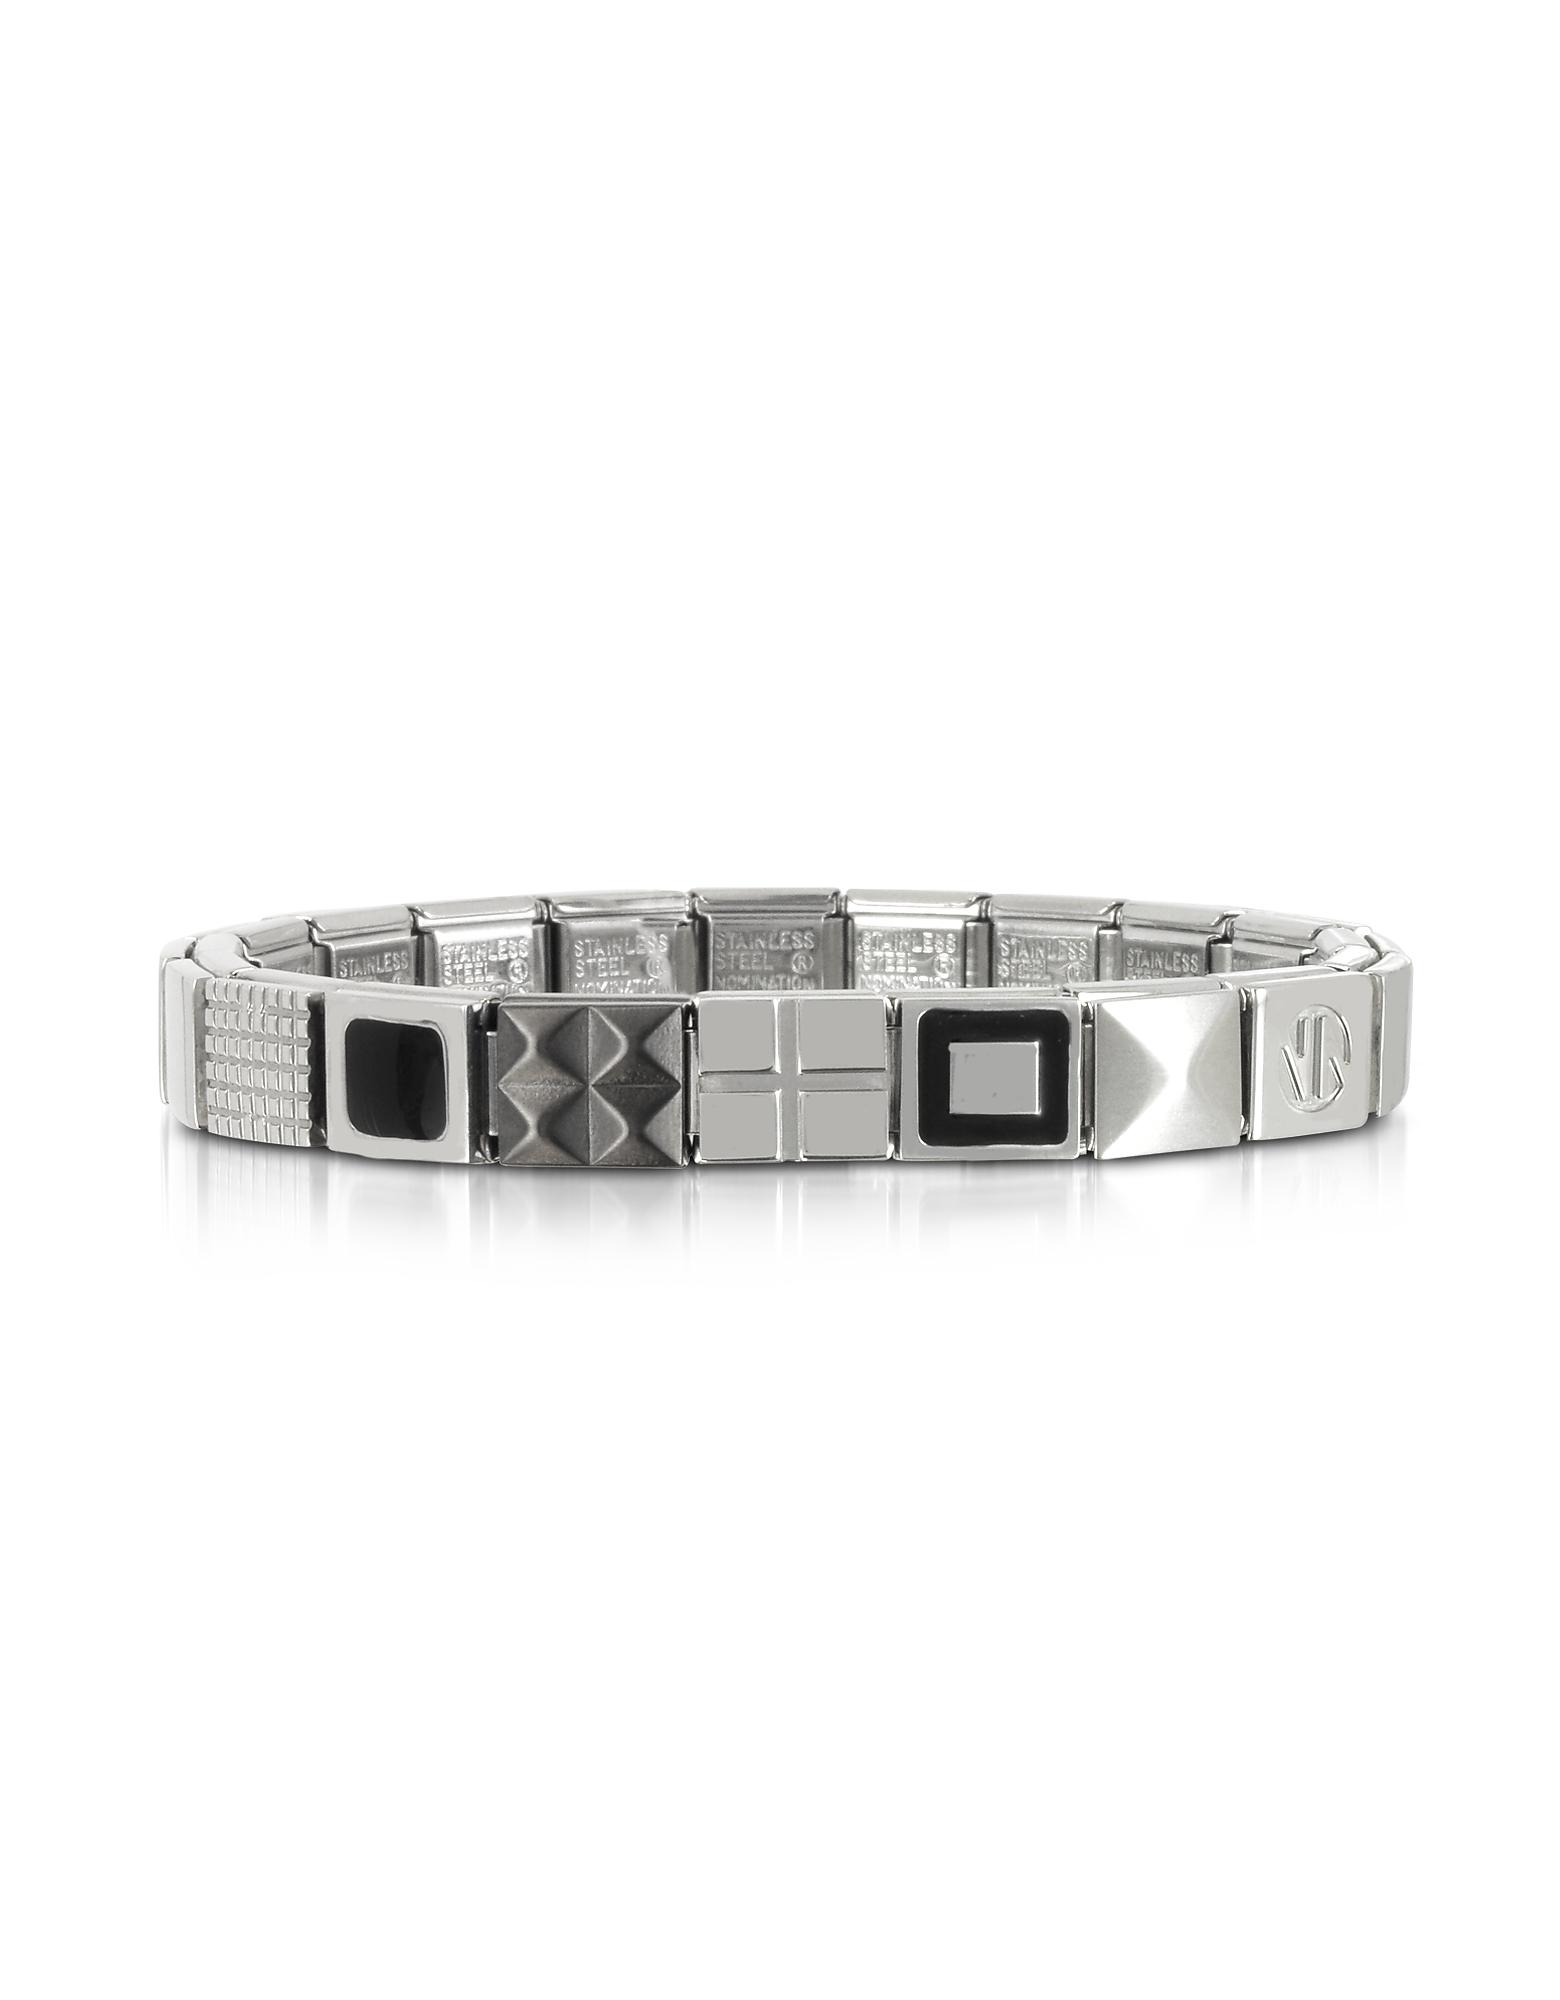 Nomination Men's Bracelets, Steel Ikons Black Enamel and Brushed Stainless Steel Bracelet